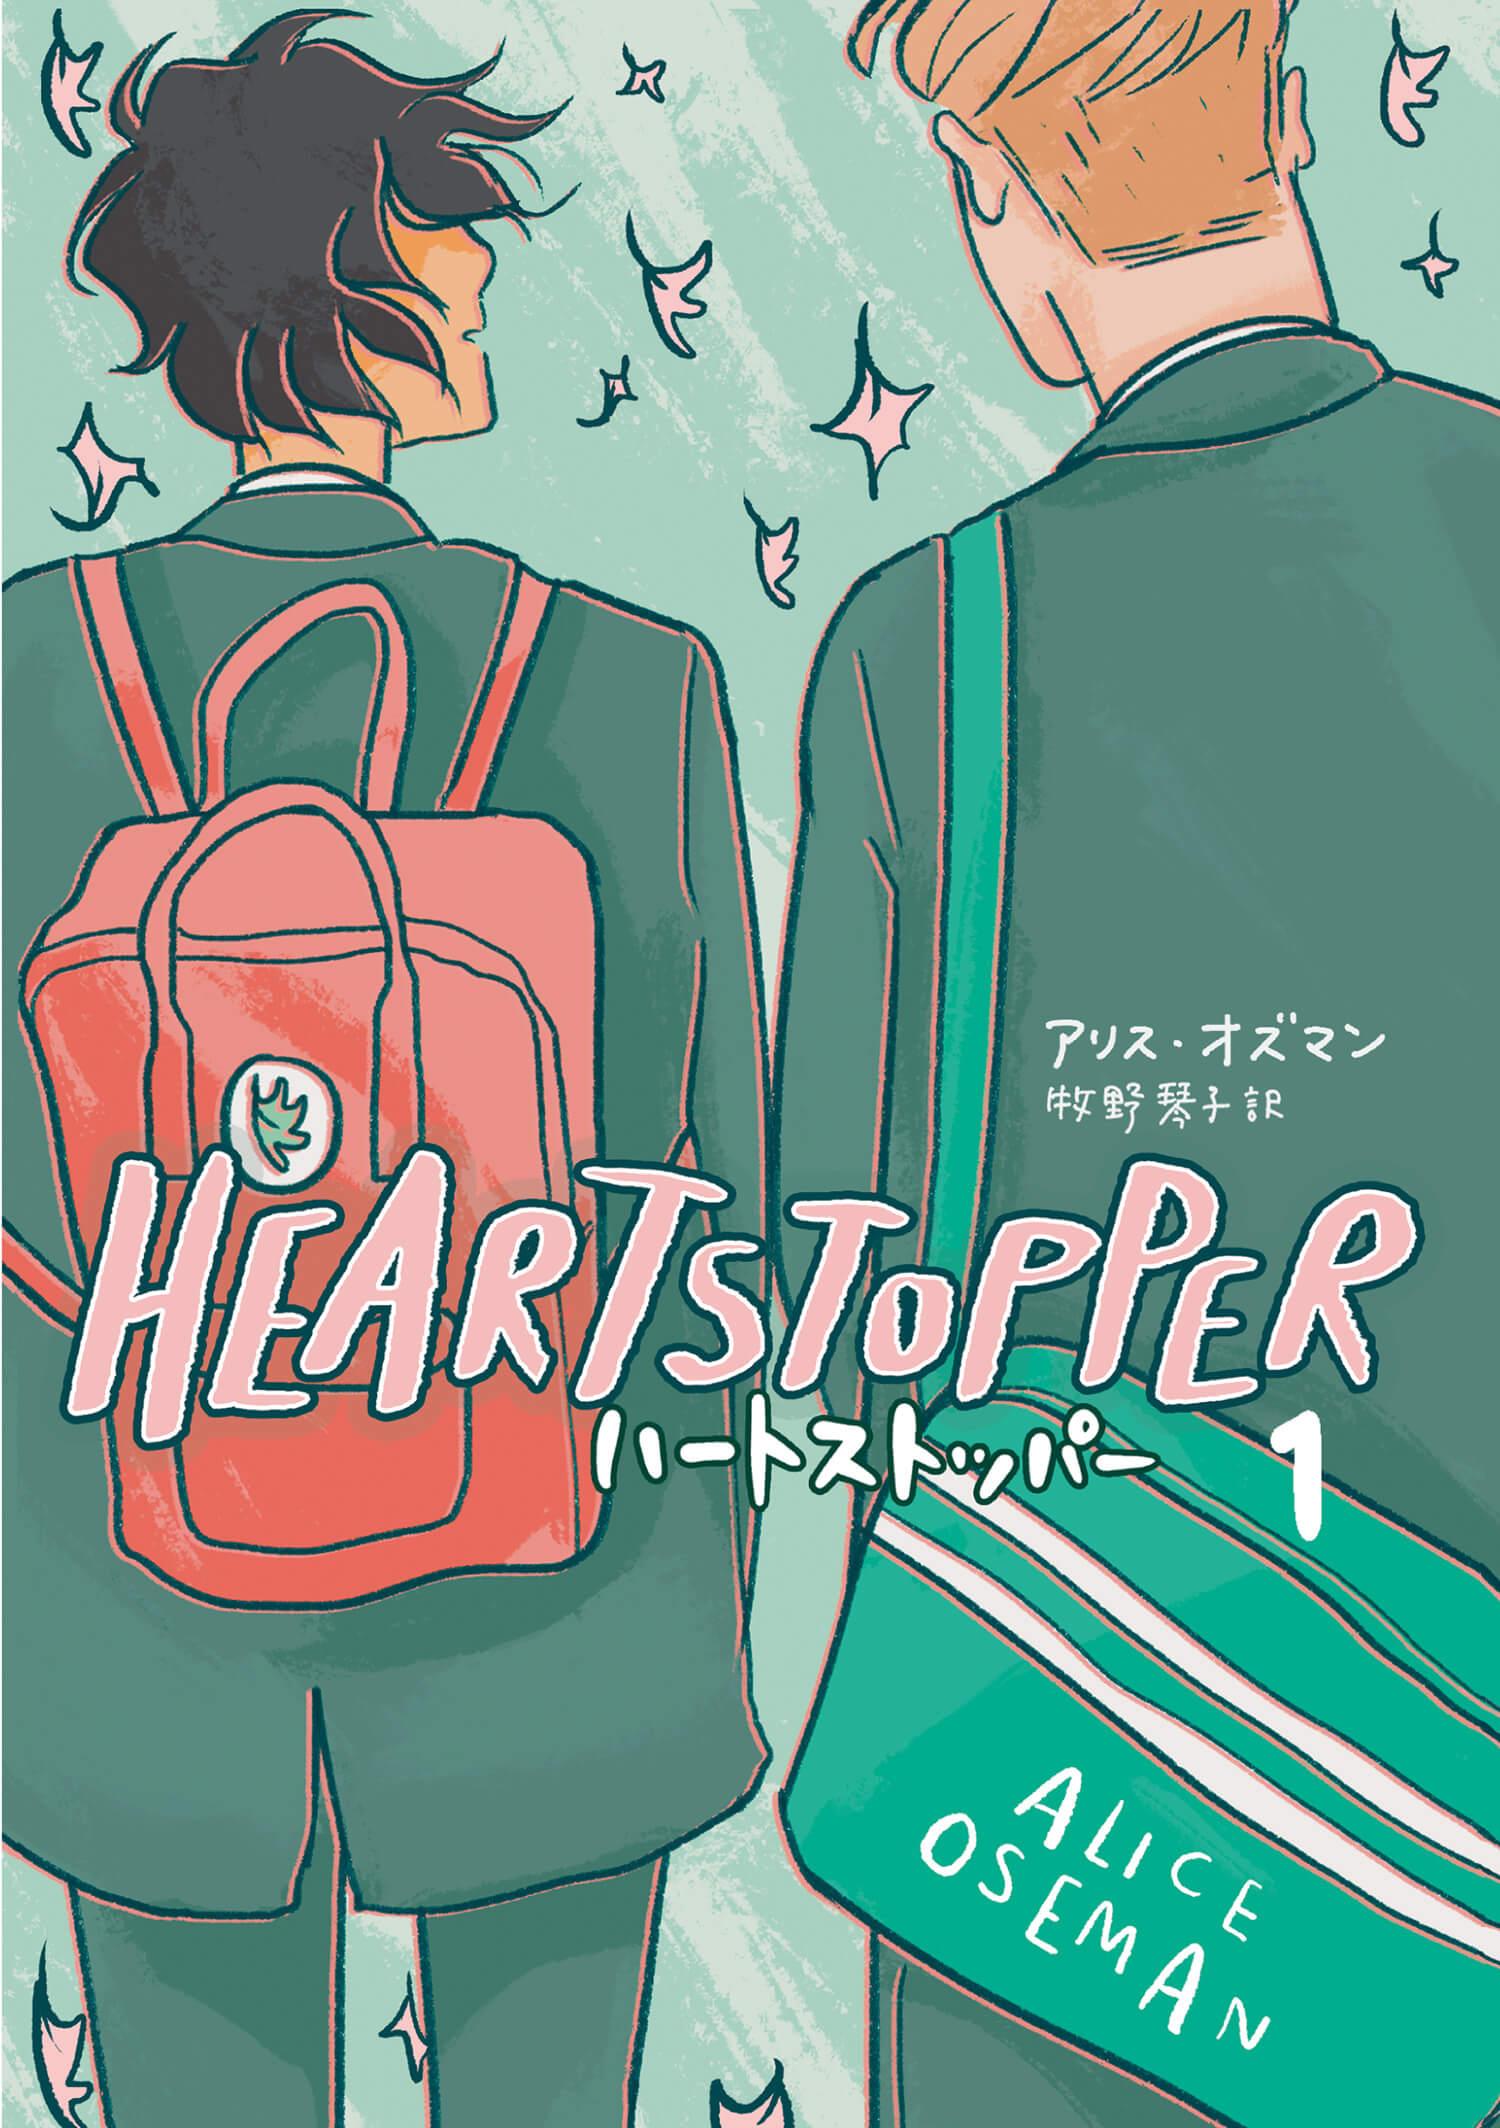 『HEARTSTOPPER ハートストッパー』表紙